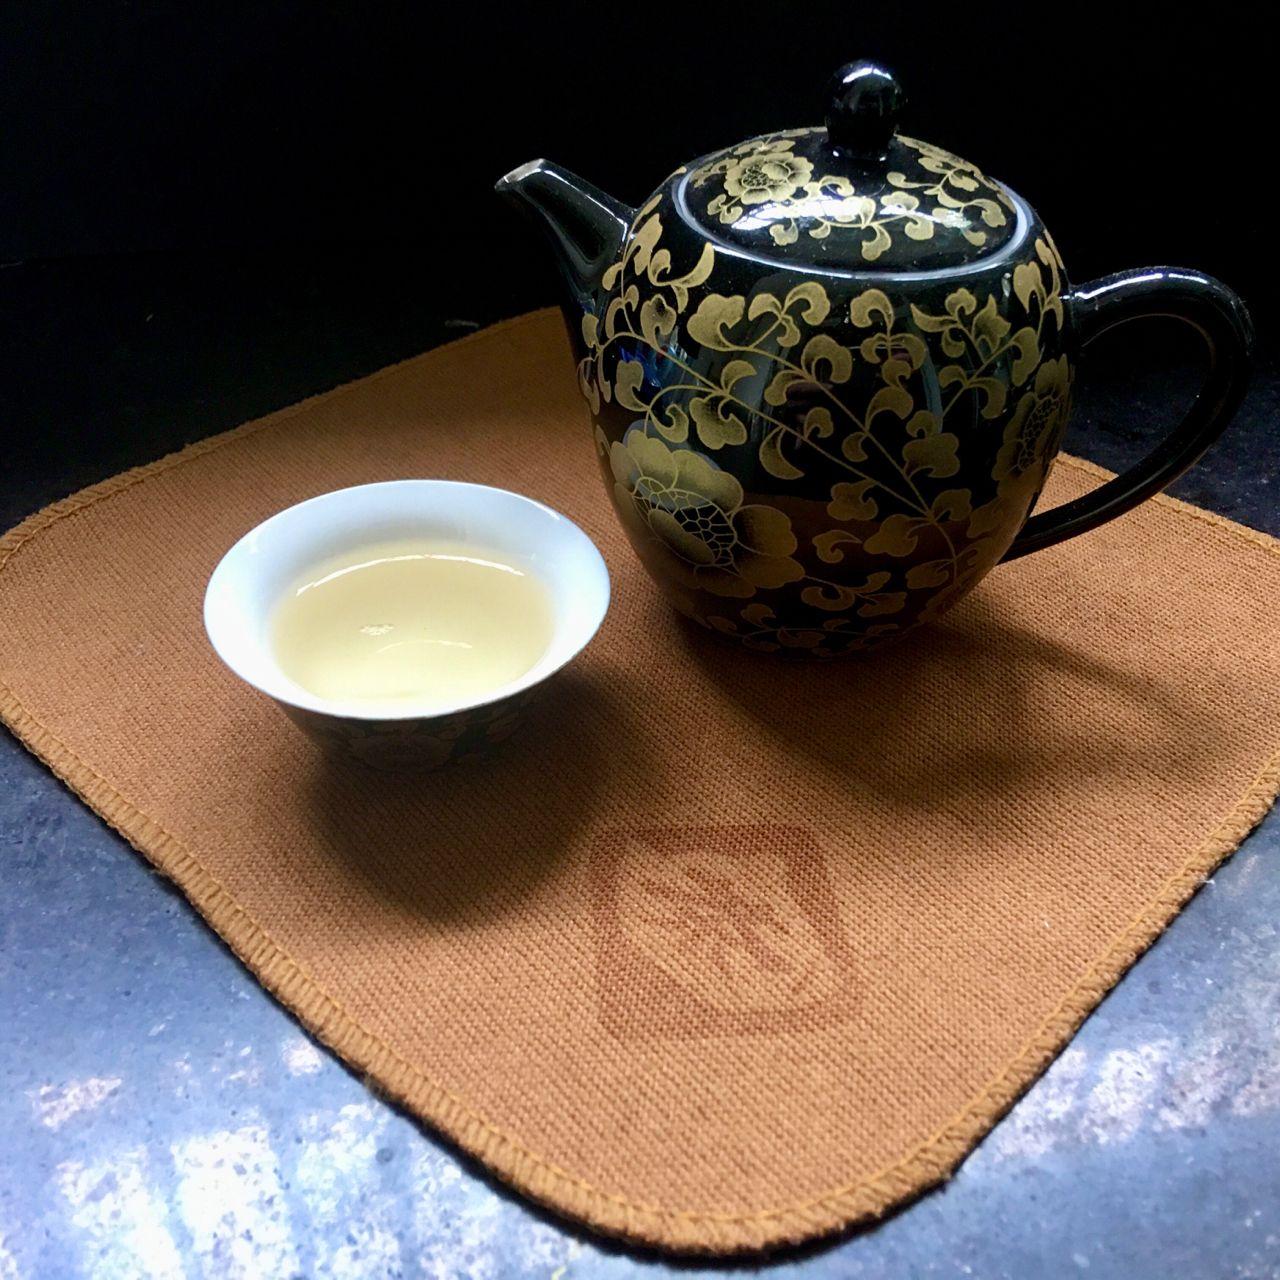 Yuè Guāng Měi Rén Bái Chá, 月光美人白茶, Moonlight Beauty White Tea